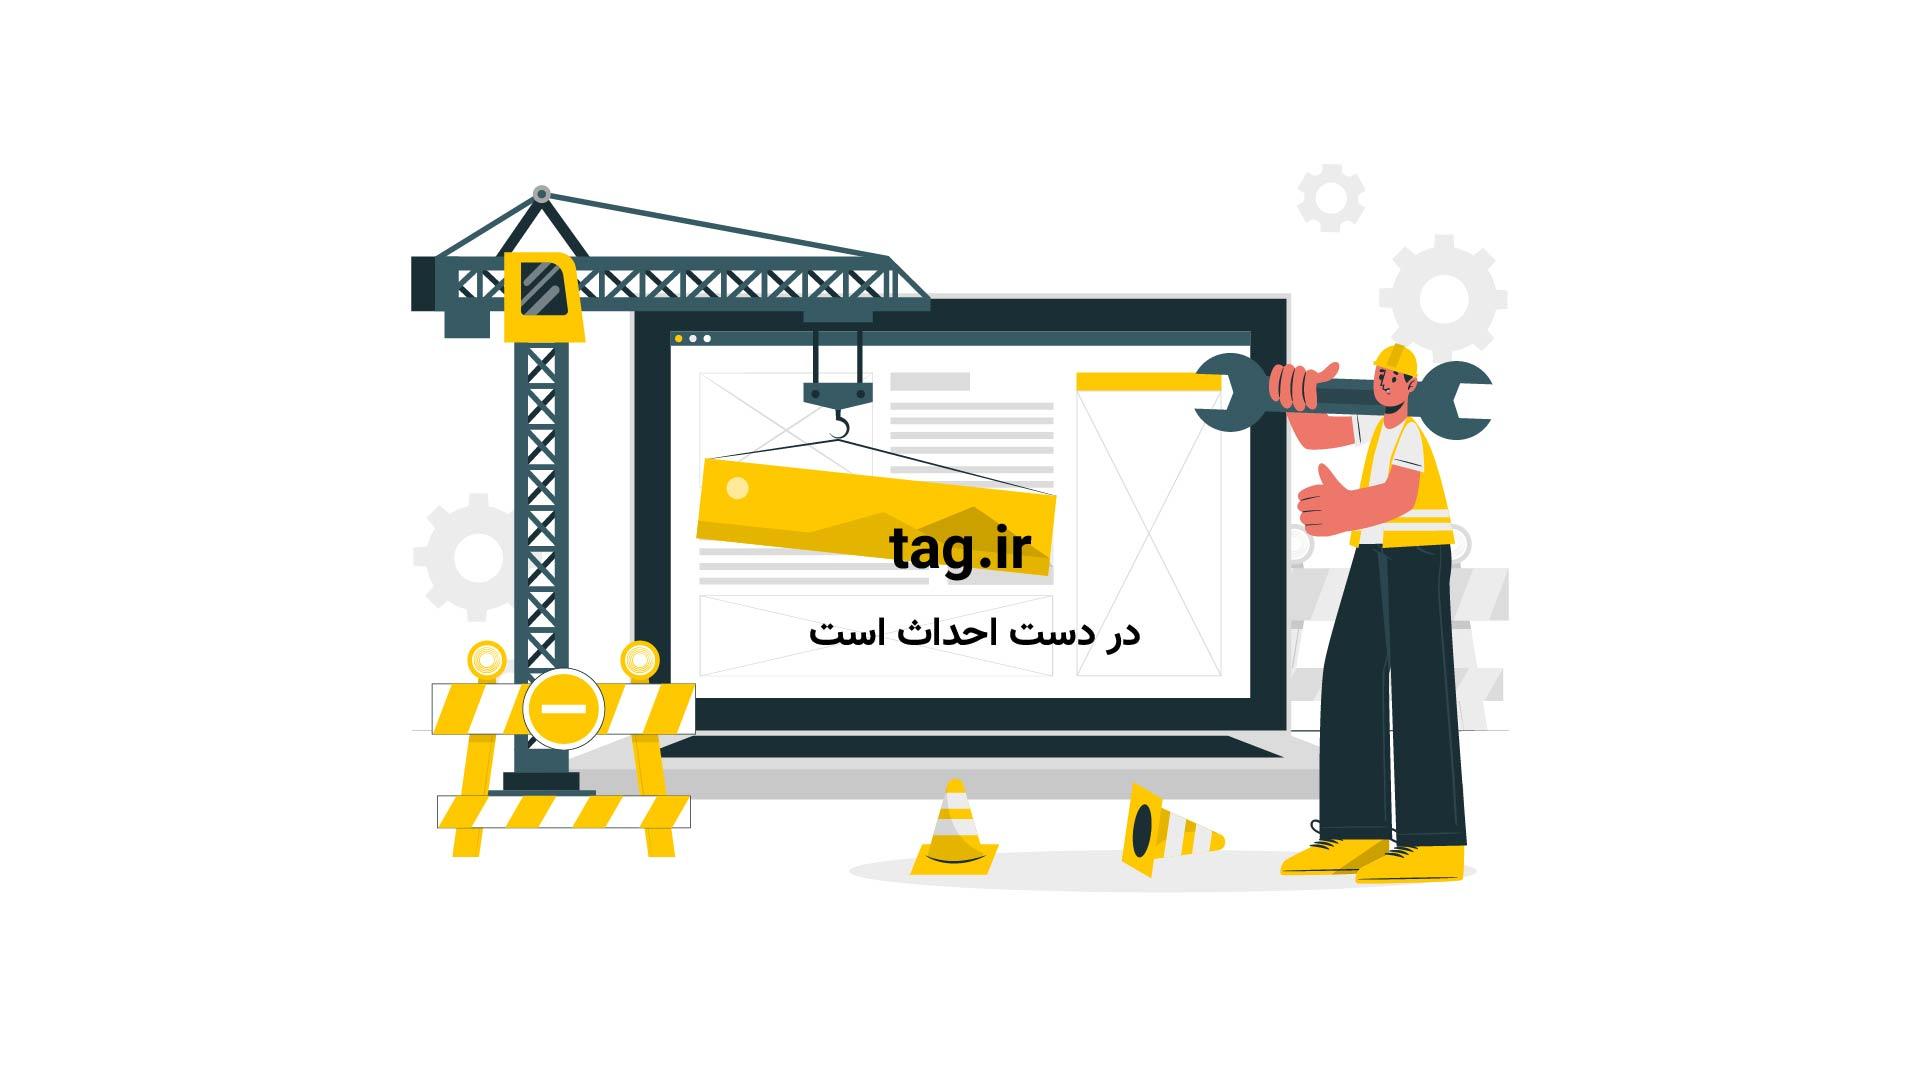 حضور دکتر حسن روحانی در جوار بارگاه مطهر امام راحل | فیلم